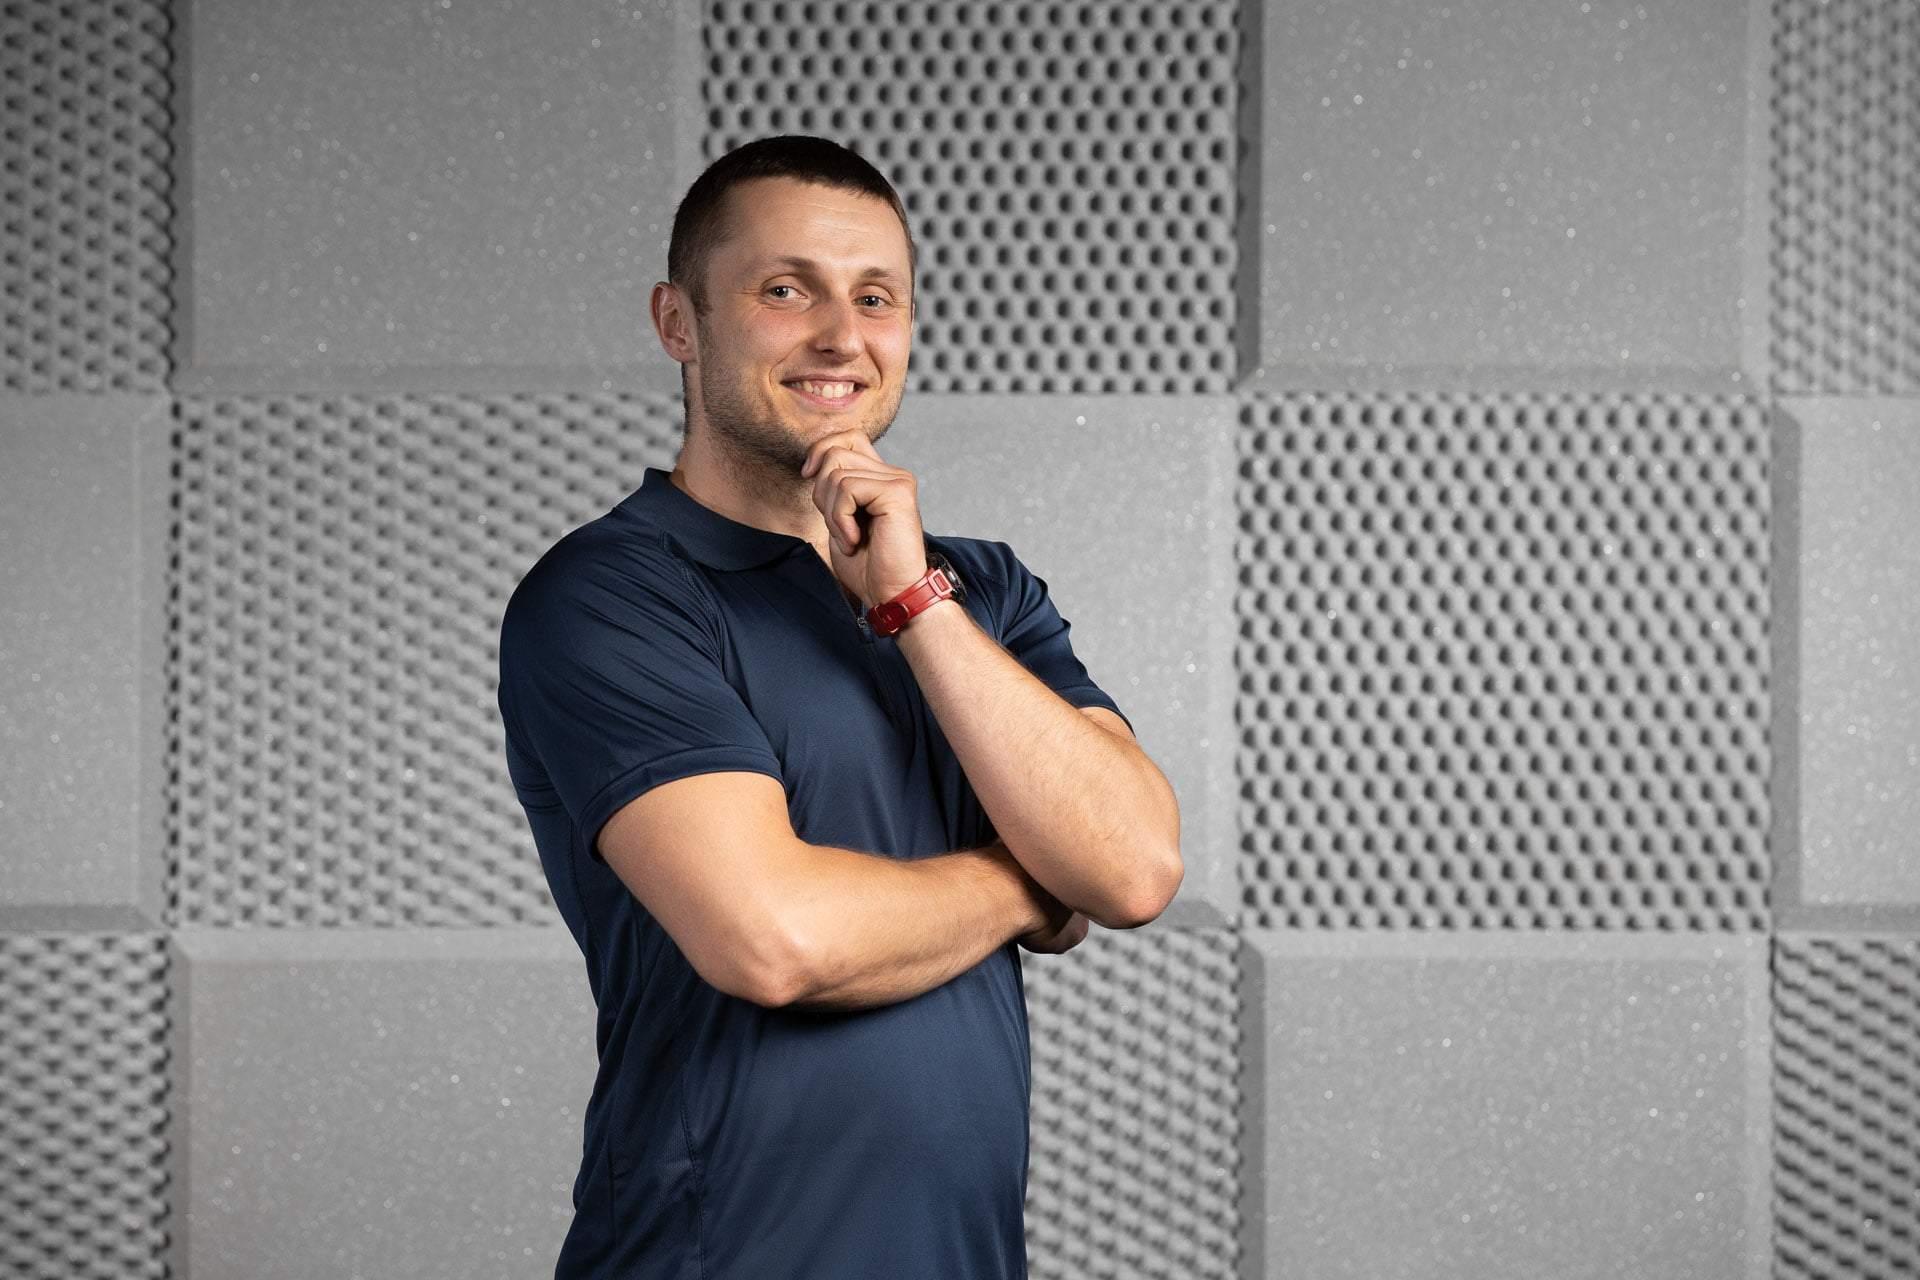 Trener personalny i doraca żywieniowy Michał Jasiński RehaFit Wrocław